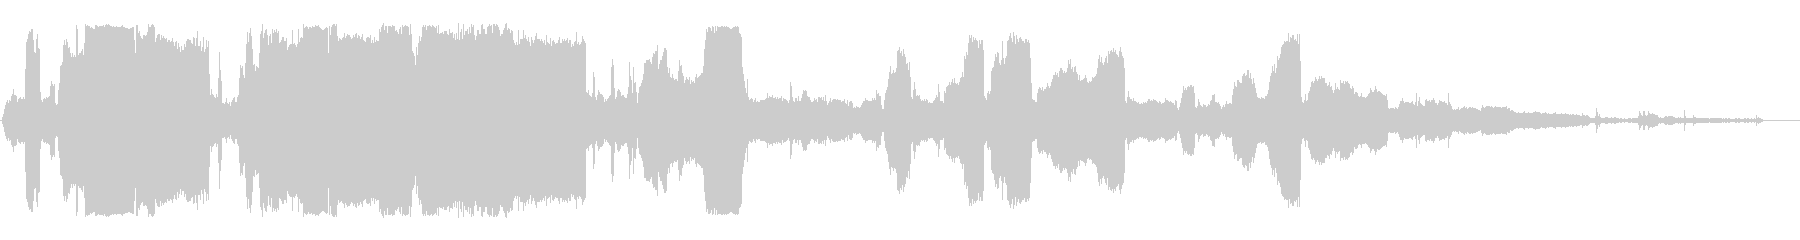 SC。レーシング;内部レーシング/...の未再生の波形